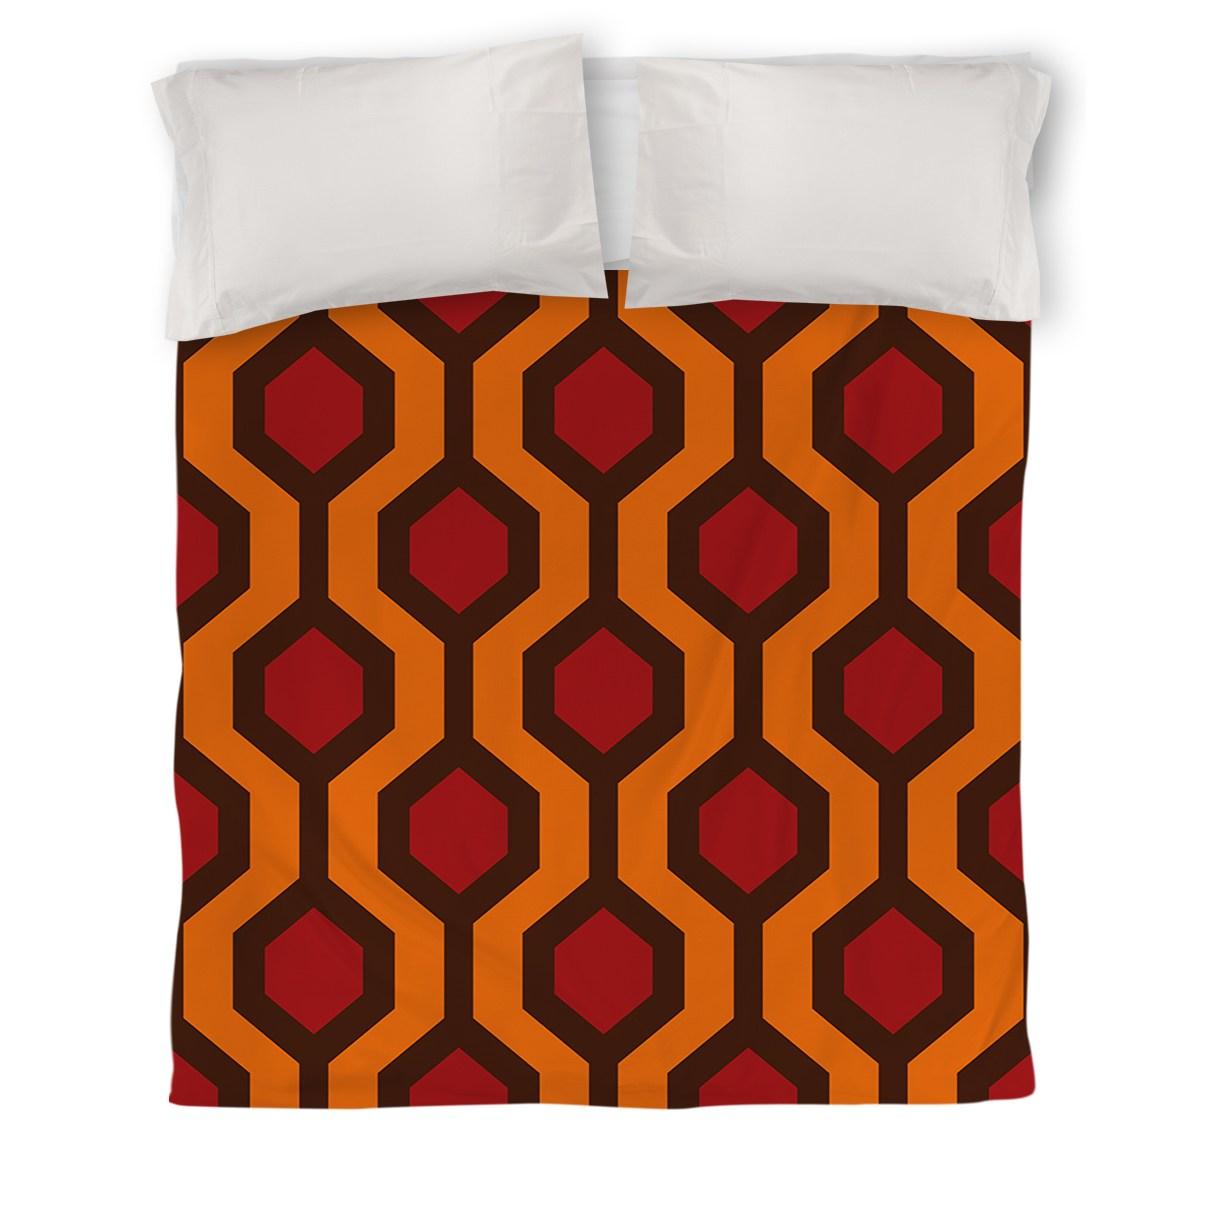 IDG Carpet Duvet Cover, Red